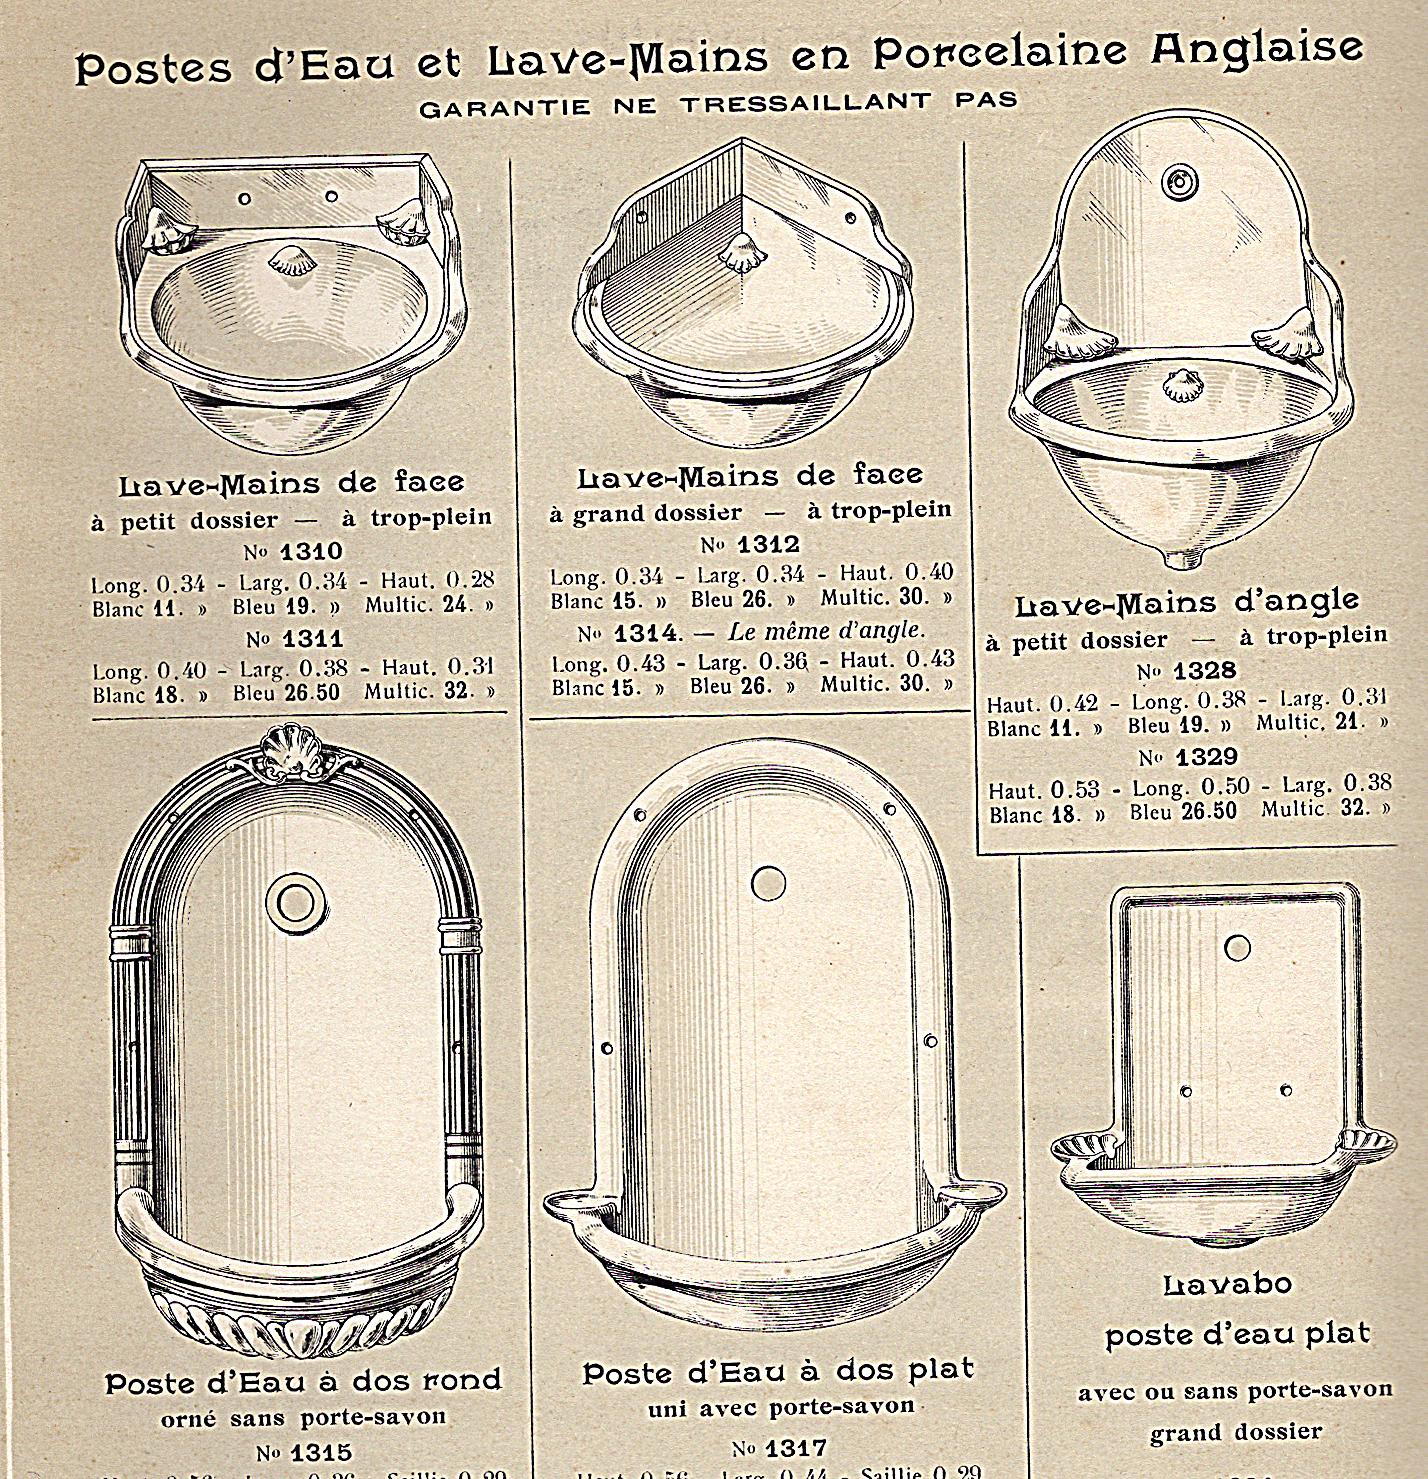 Porseleinen fonteintjes voor het toilet omstreeks 1900 Frankrijk